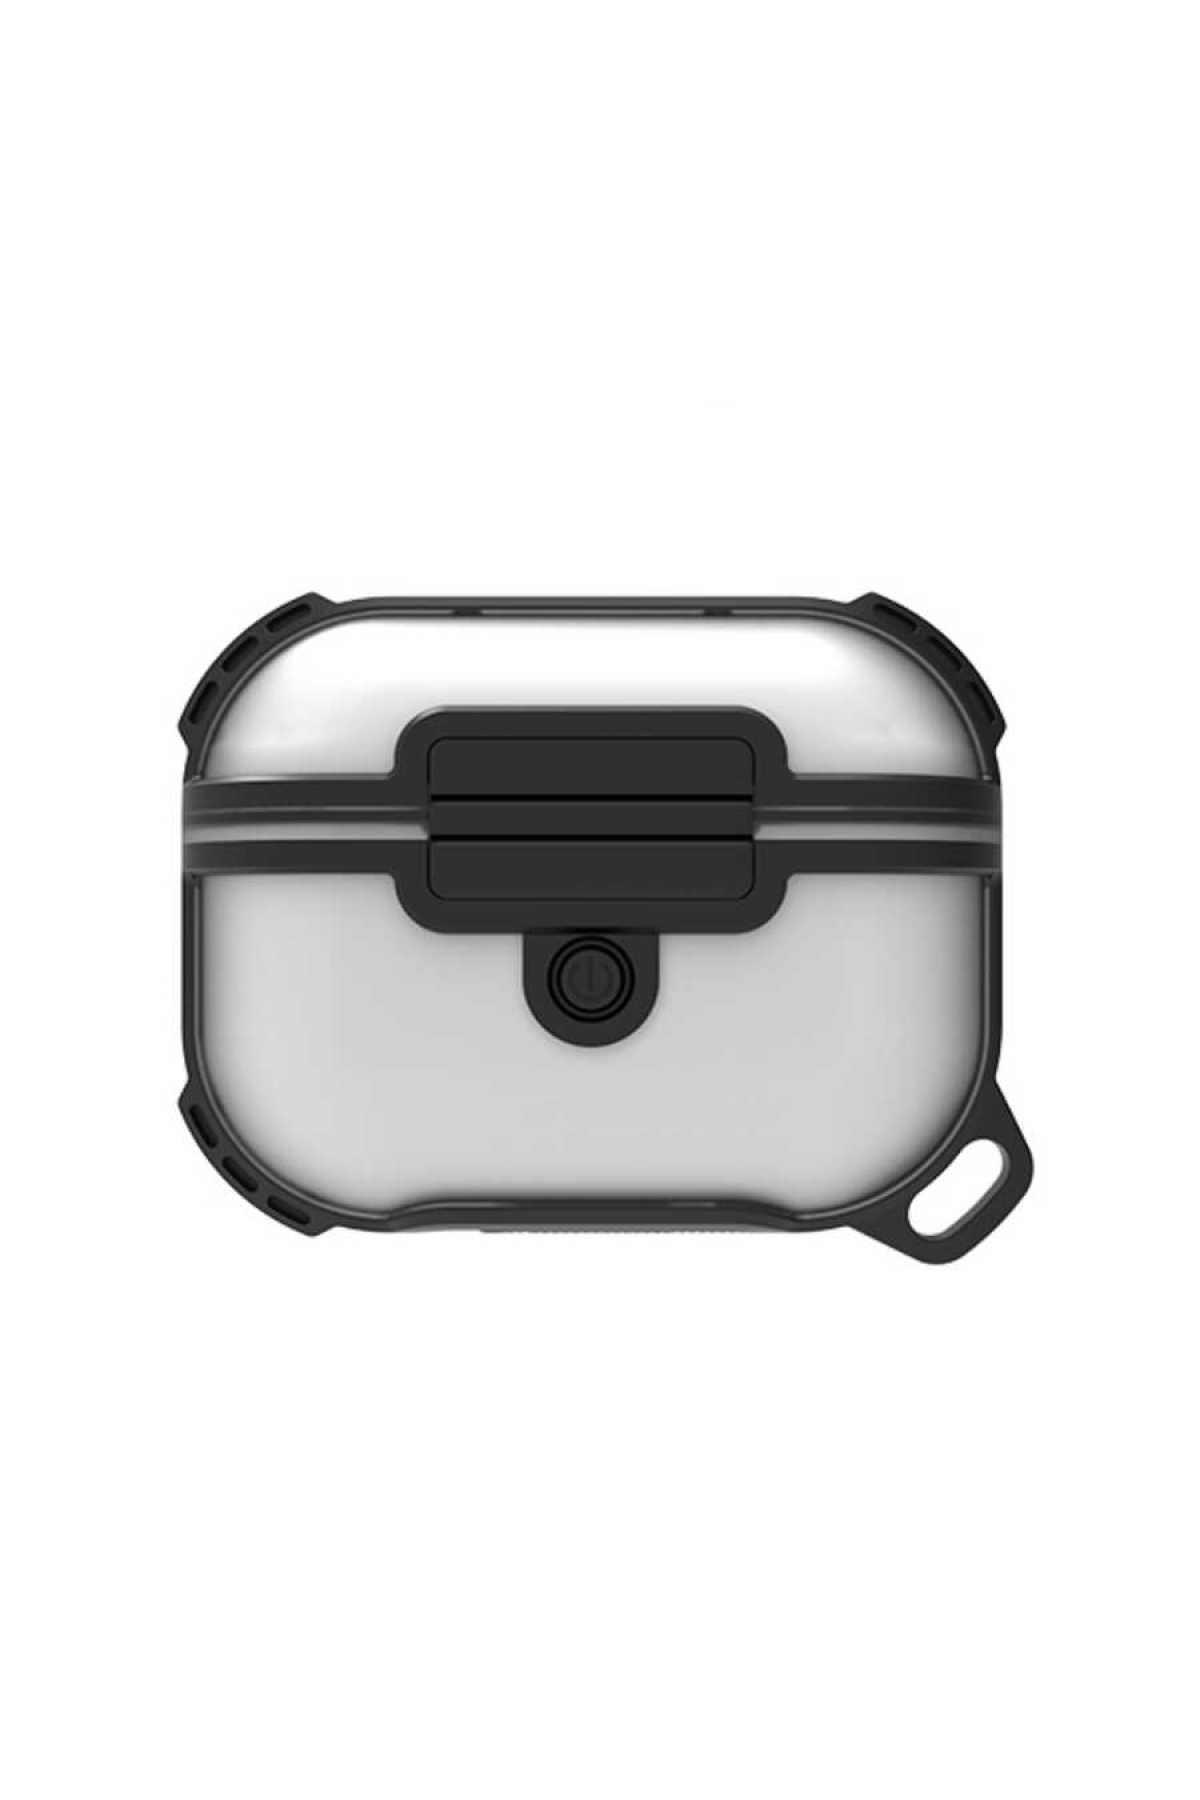 zore Airpods Pro Uyumlu Airbag 16 Zırh Su Geçirmez Askılı Şarj Kutusu Koruyucu 1